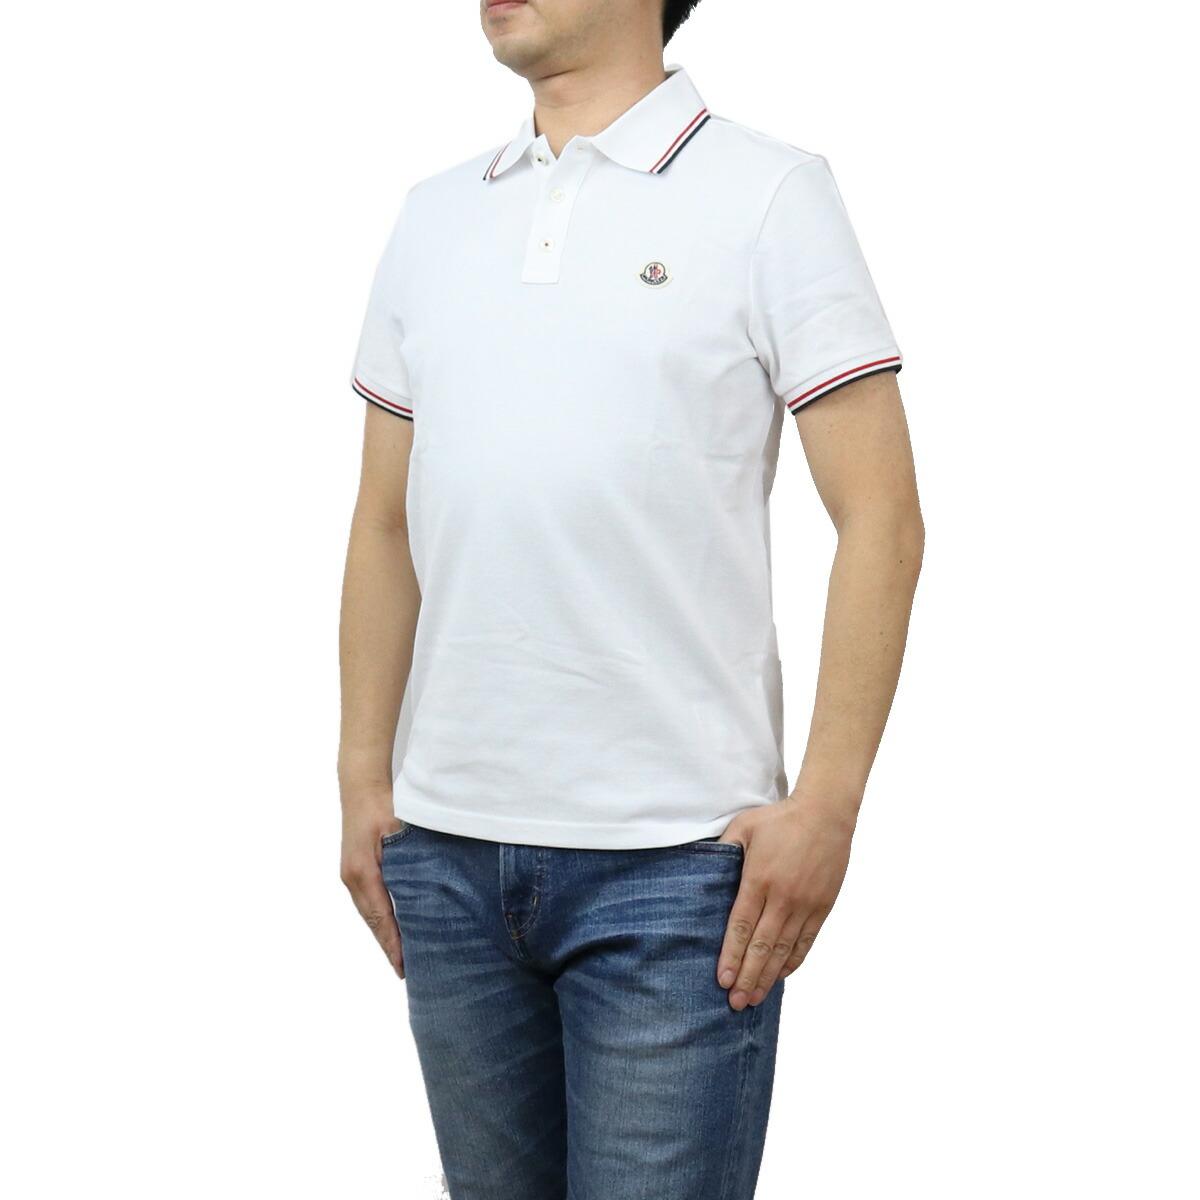 モンクレール MONCLER メンズ-ポロシャツ 8A70300 MAGLIA POLO MAN 84556 001 ホワイト系 bos-10 apparel-01 polo-01 メンズ